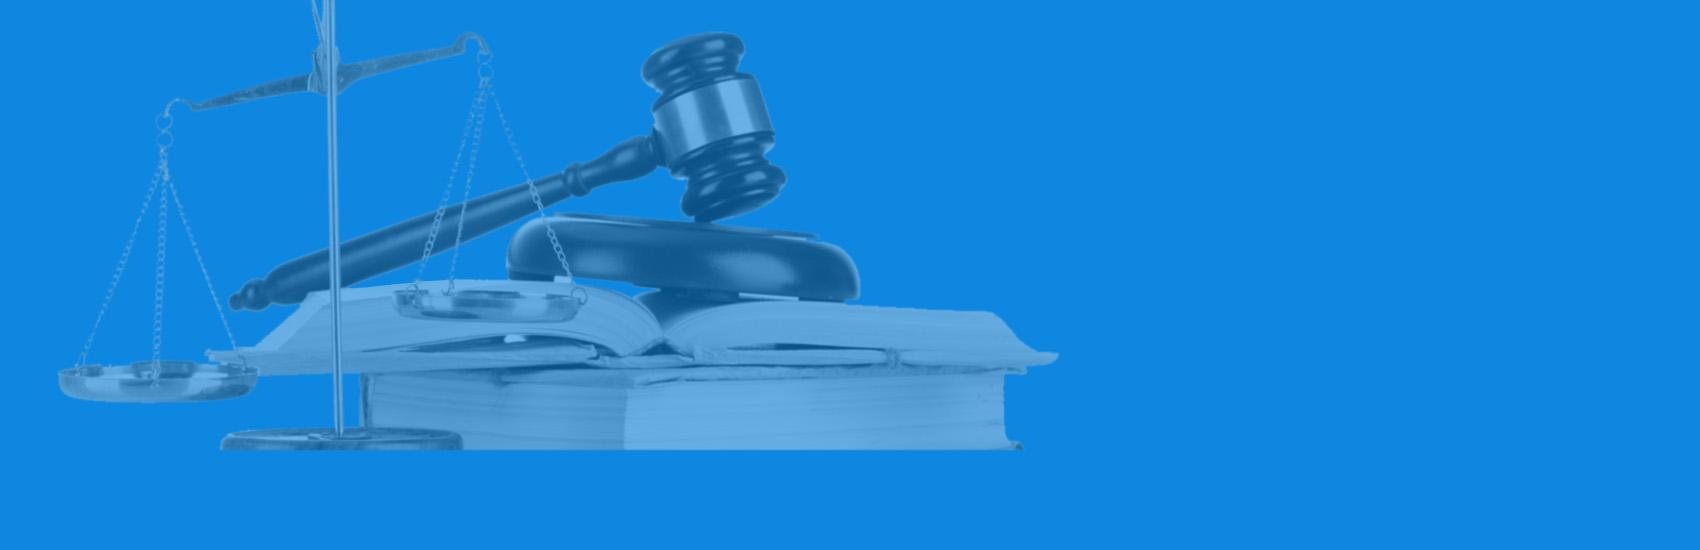 Чем может быть полезен юрист, работающий онлайн?